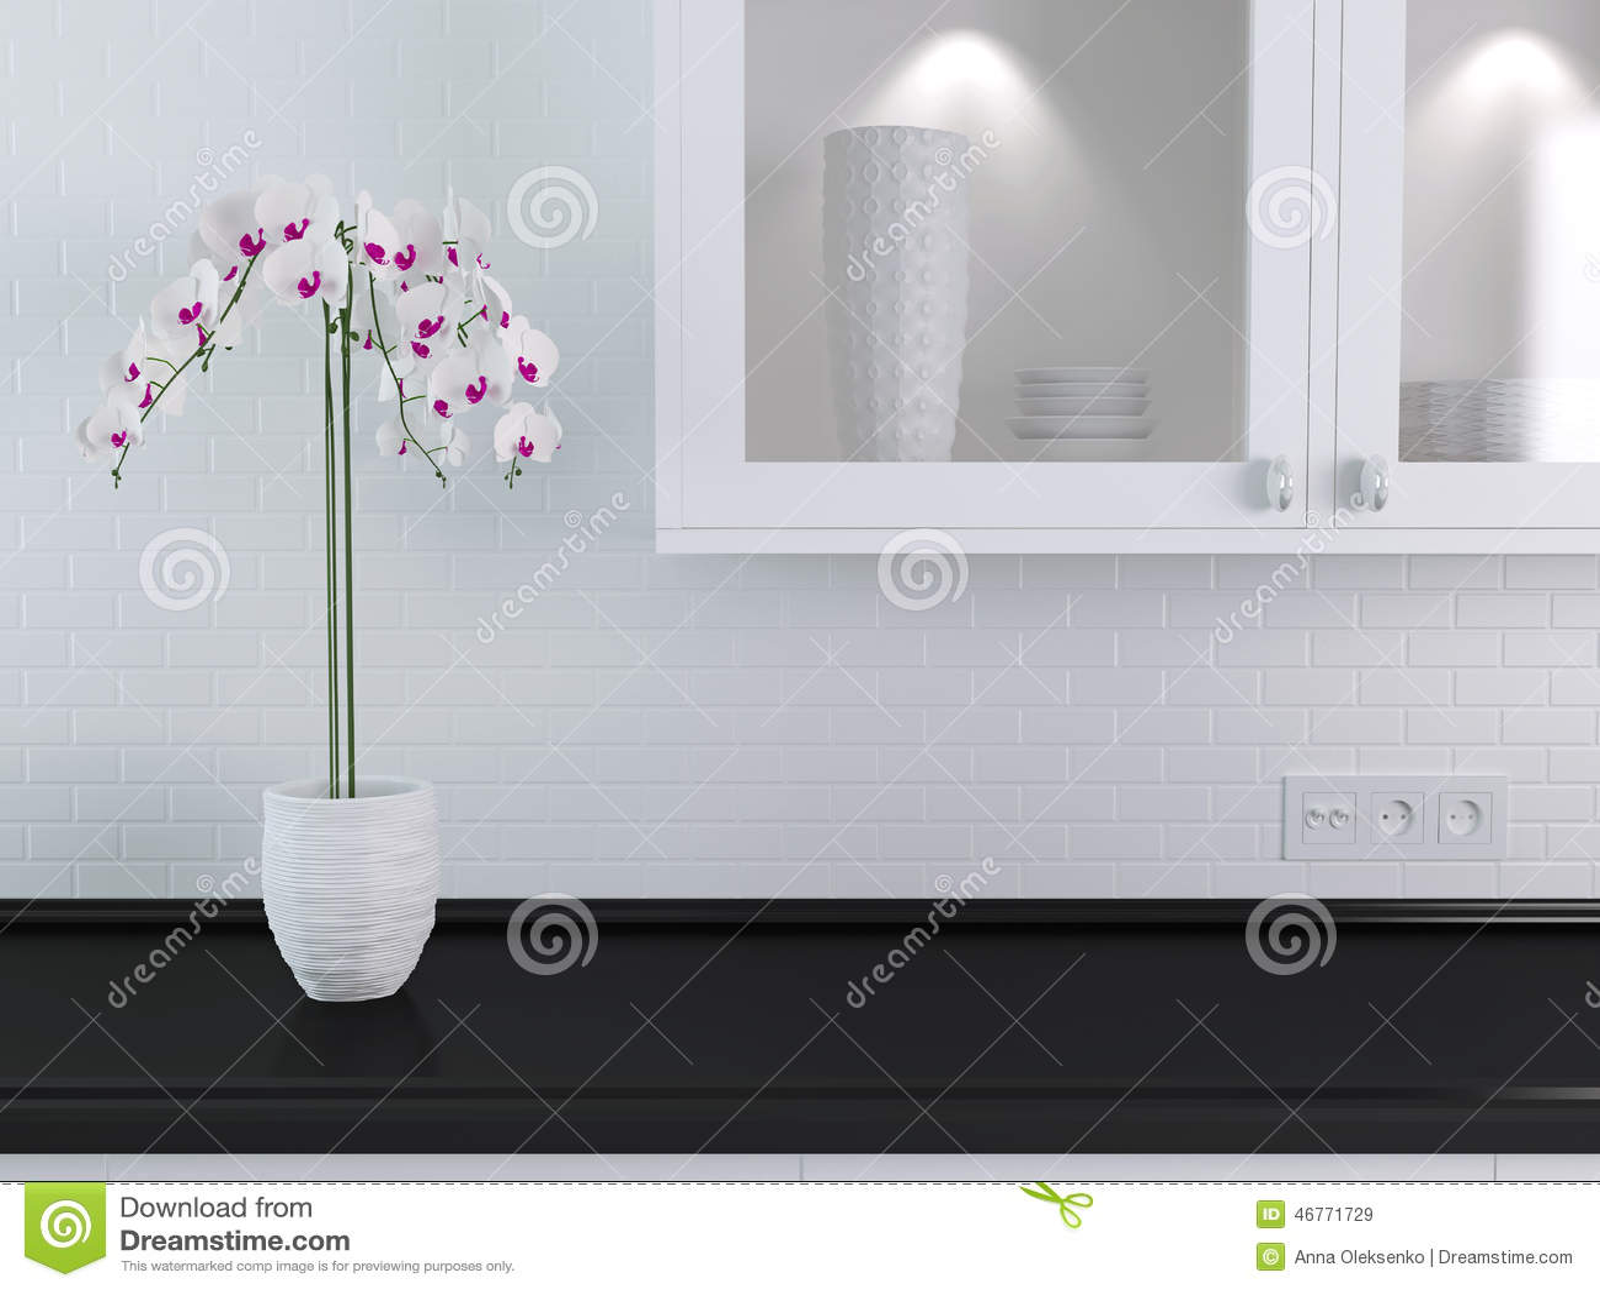 white kitchen buffet porcelain floor 白色厨房设计库存图片 图片包括有架子 装饰 室内 餐馆 兰花 抛光 白色厨房设计 在黑大理石worktop的兰花在自助餐的陶瓷碗筷